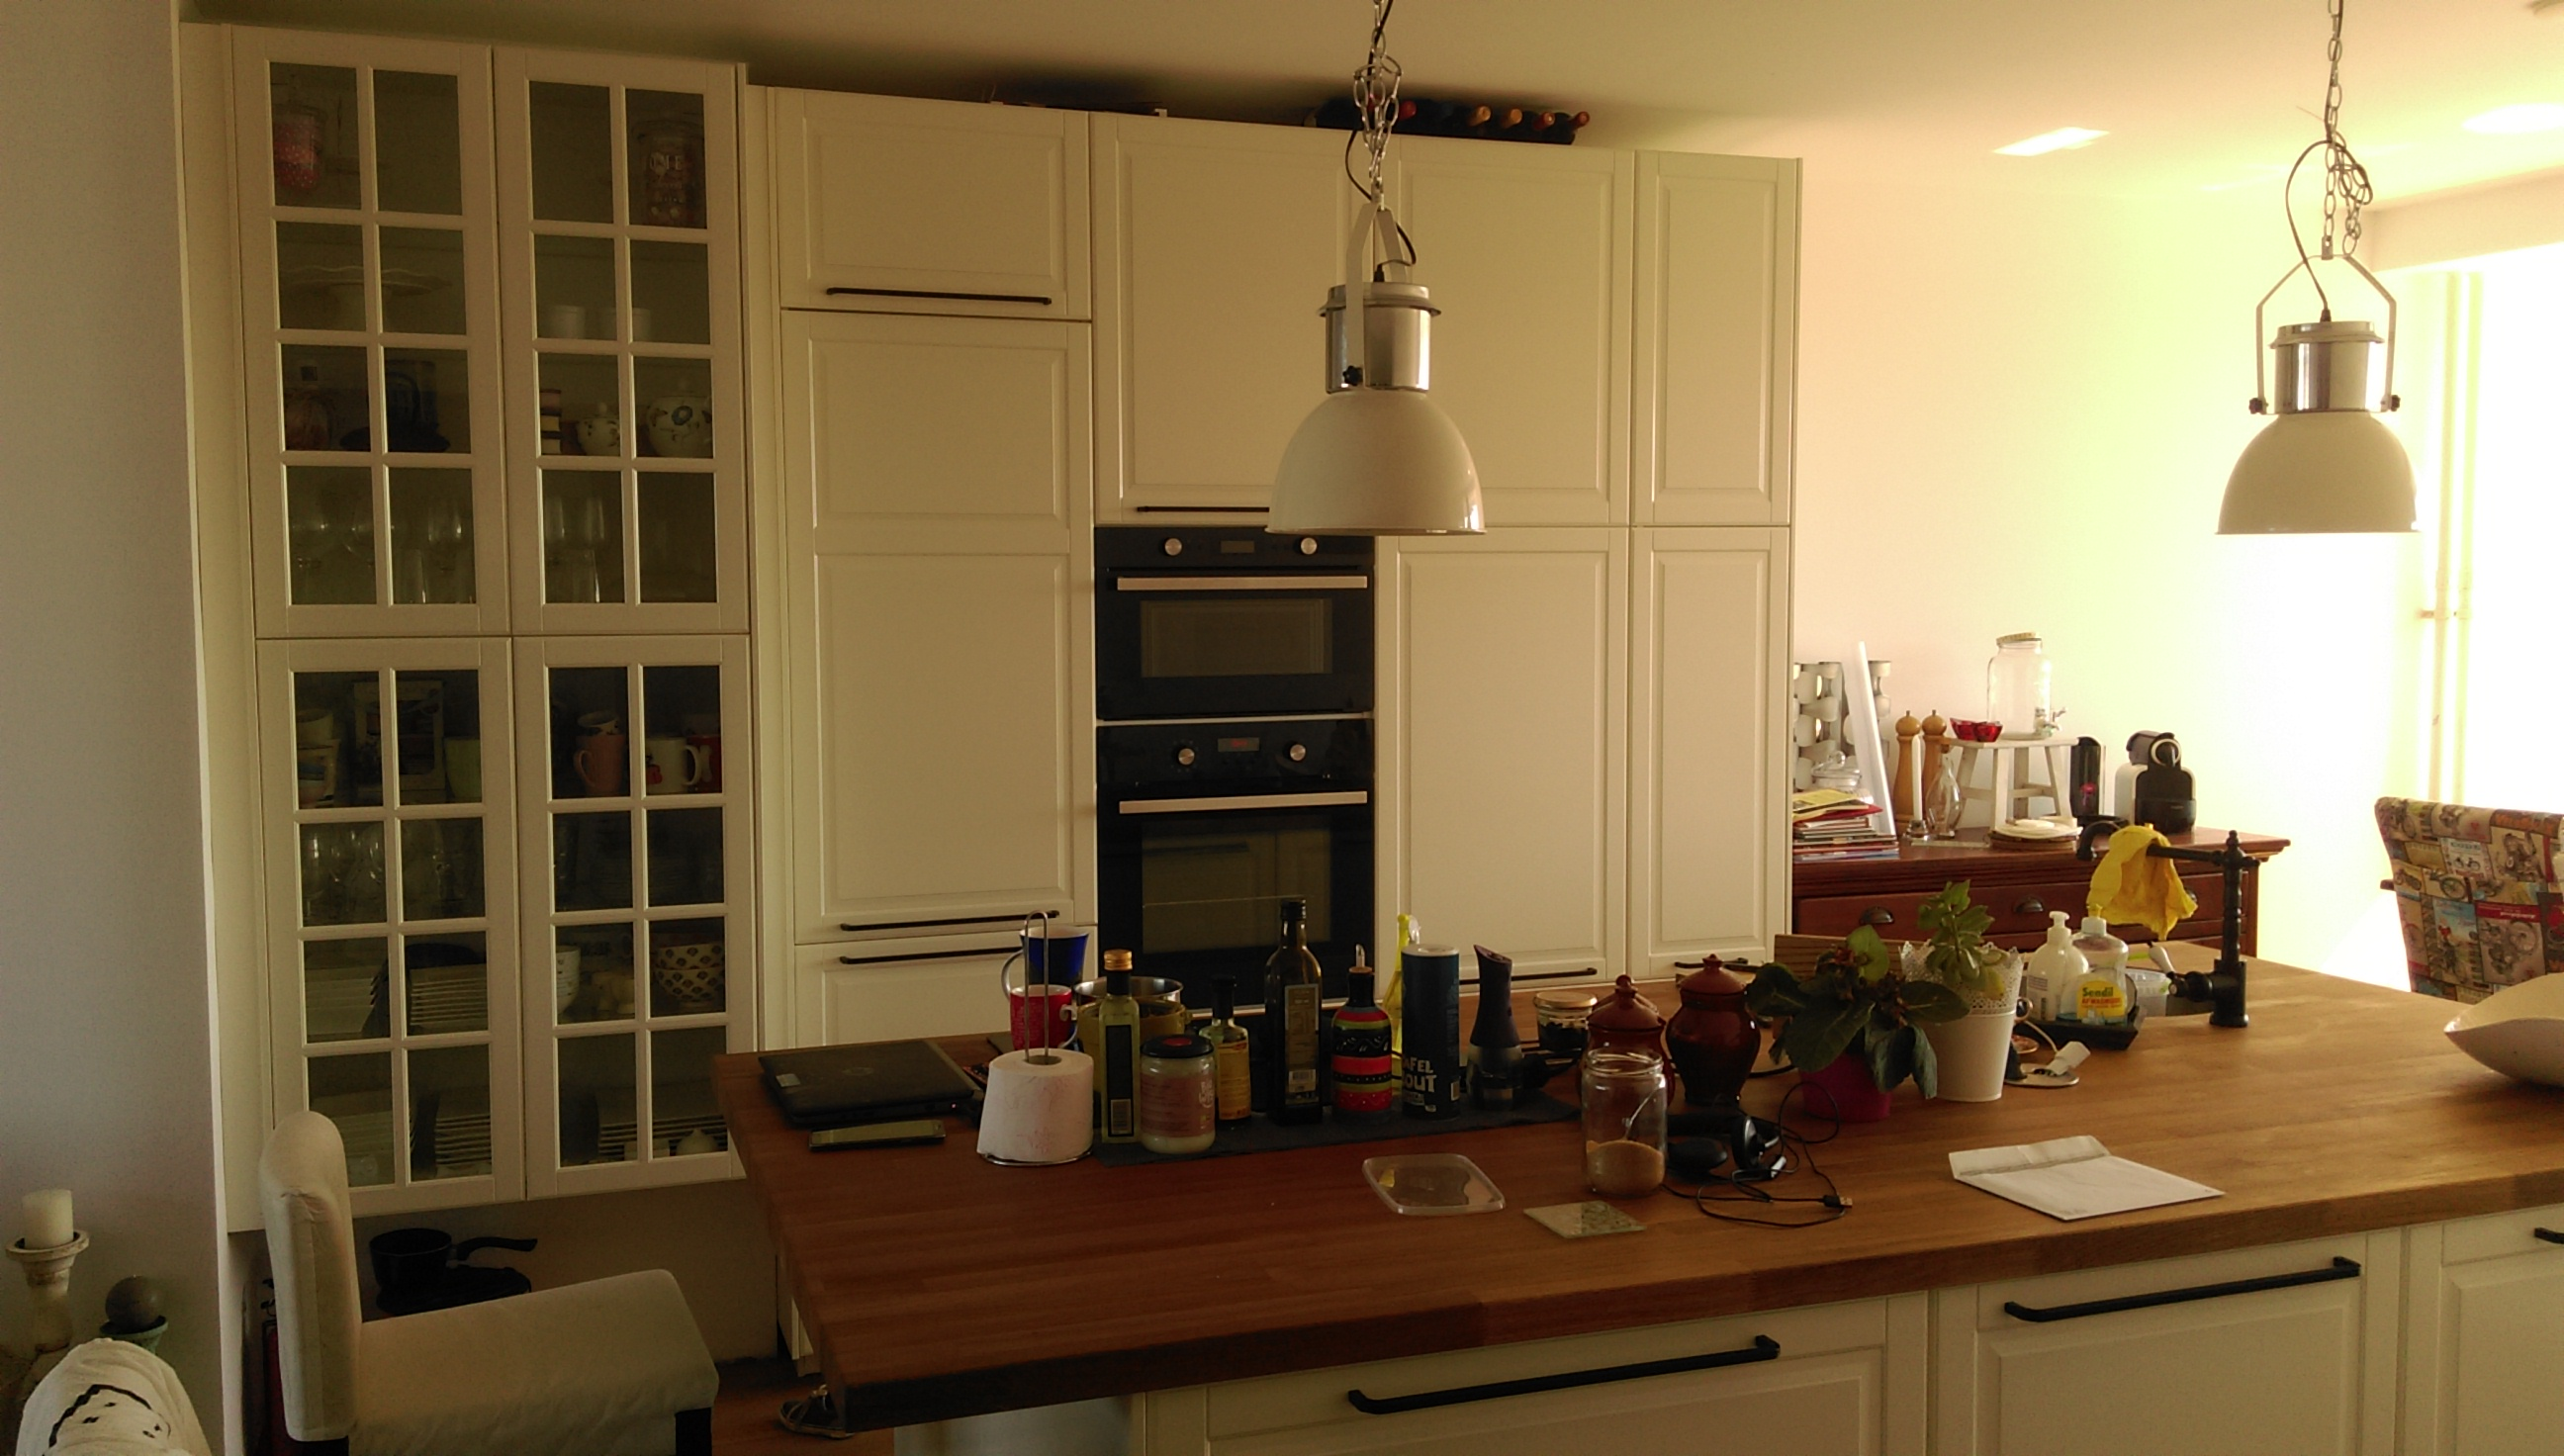 Plaatsen Ikea keuken met keuken eiland